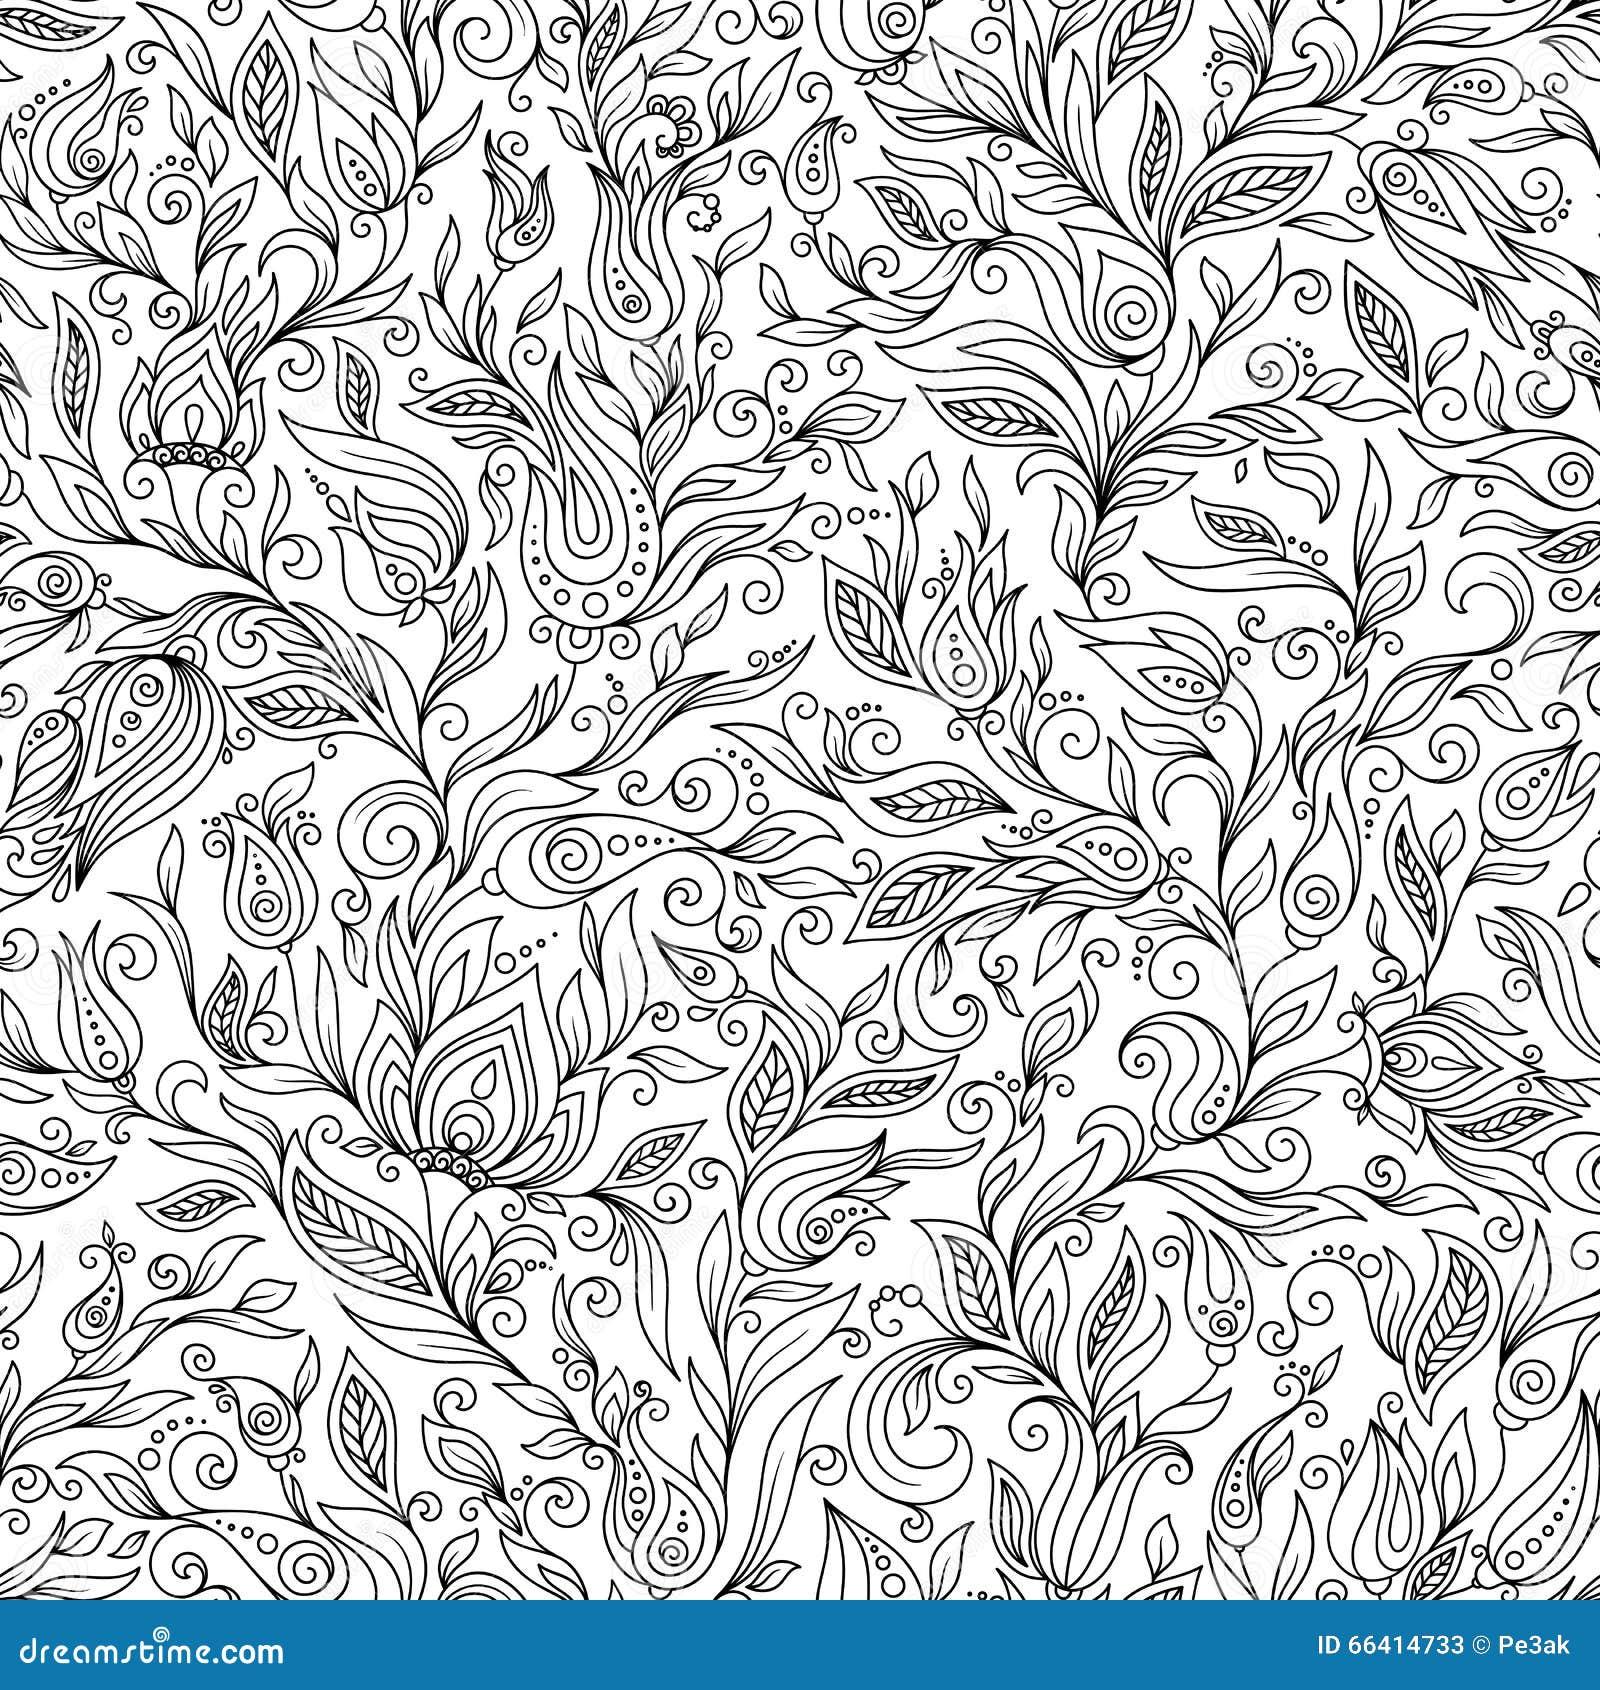 Download Pattern For Coloring Book Floral Doodle Design Element Stock Illustration